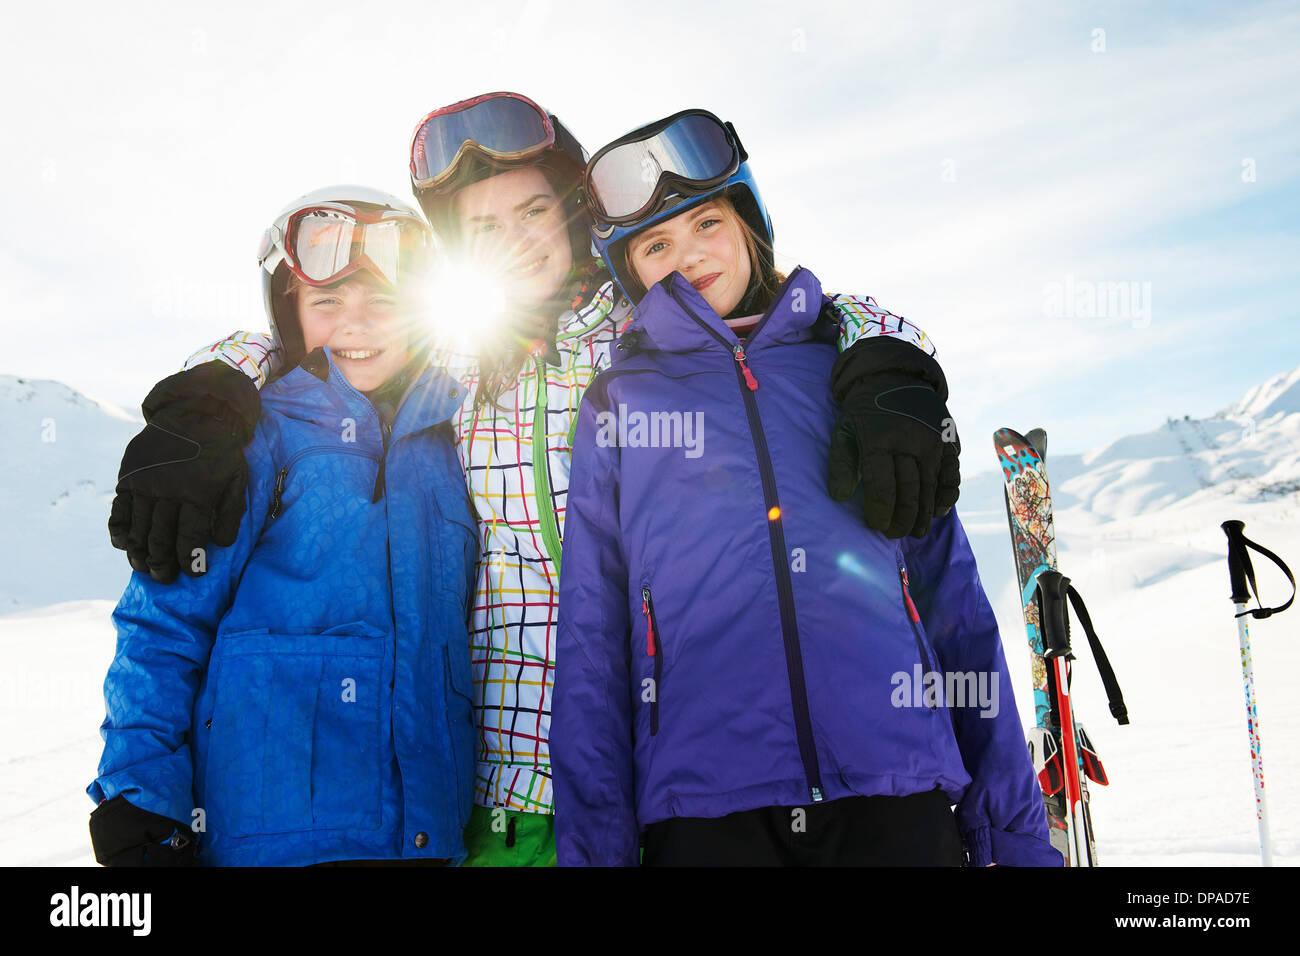 Ritratto di fratelli e sorelle nella neve, Les Arcs, Alta Savoia, Francia Immagini Stock